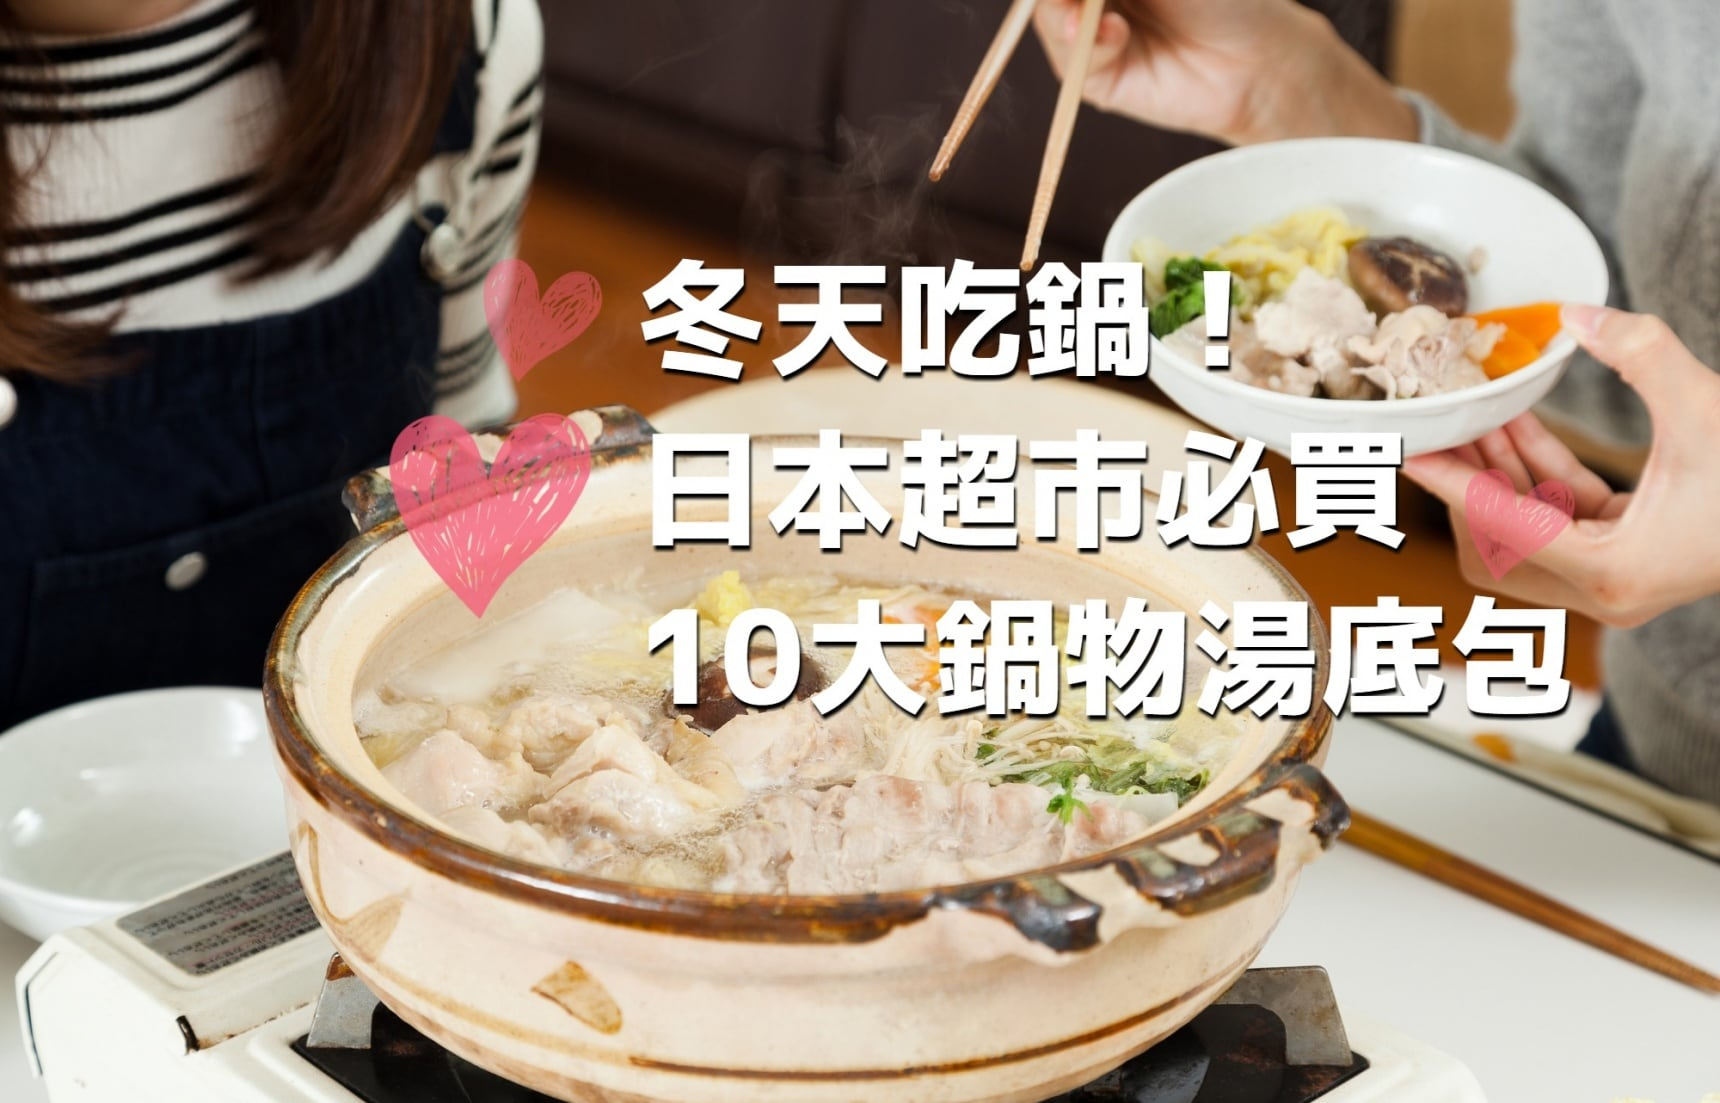 吃货党|日本超市必买!冬日必备10大锅物汤底大推荐